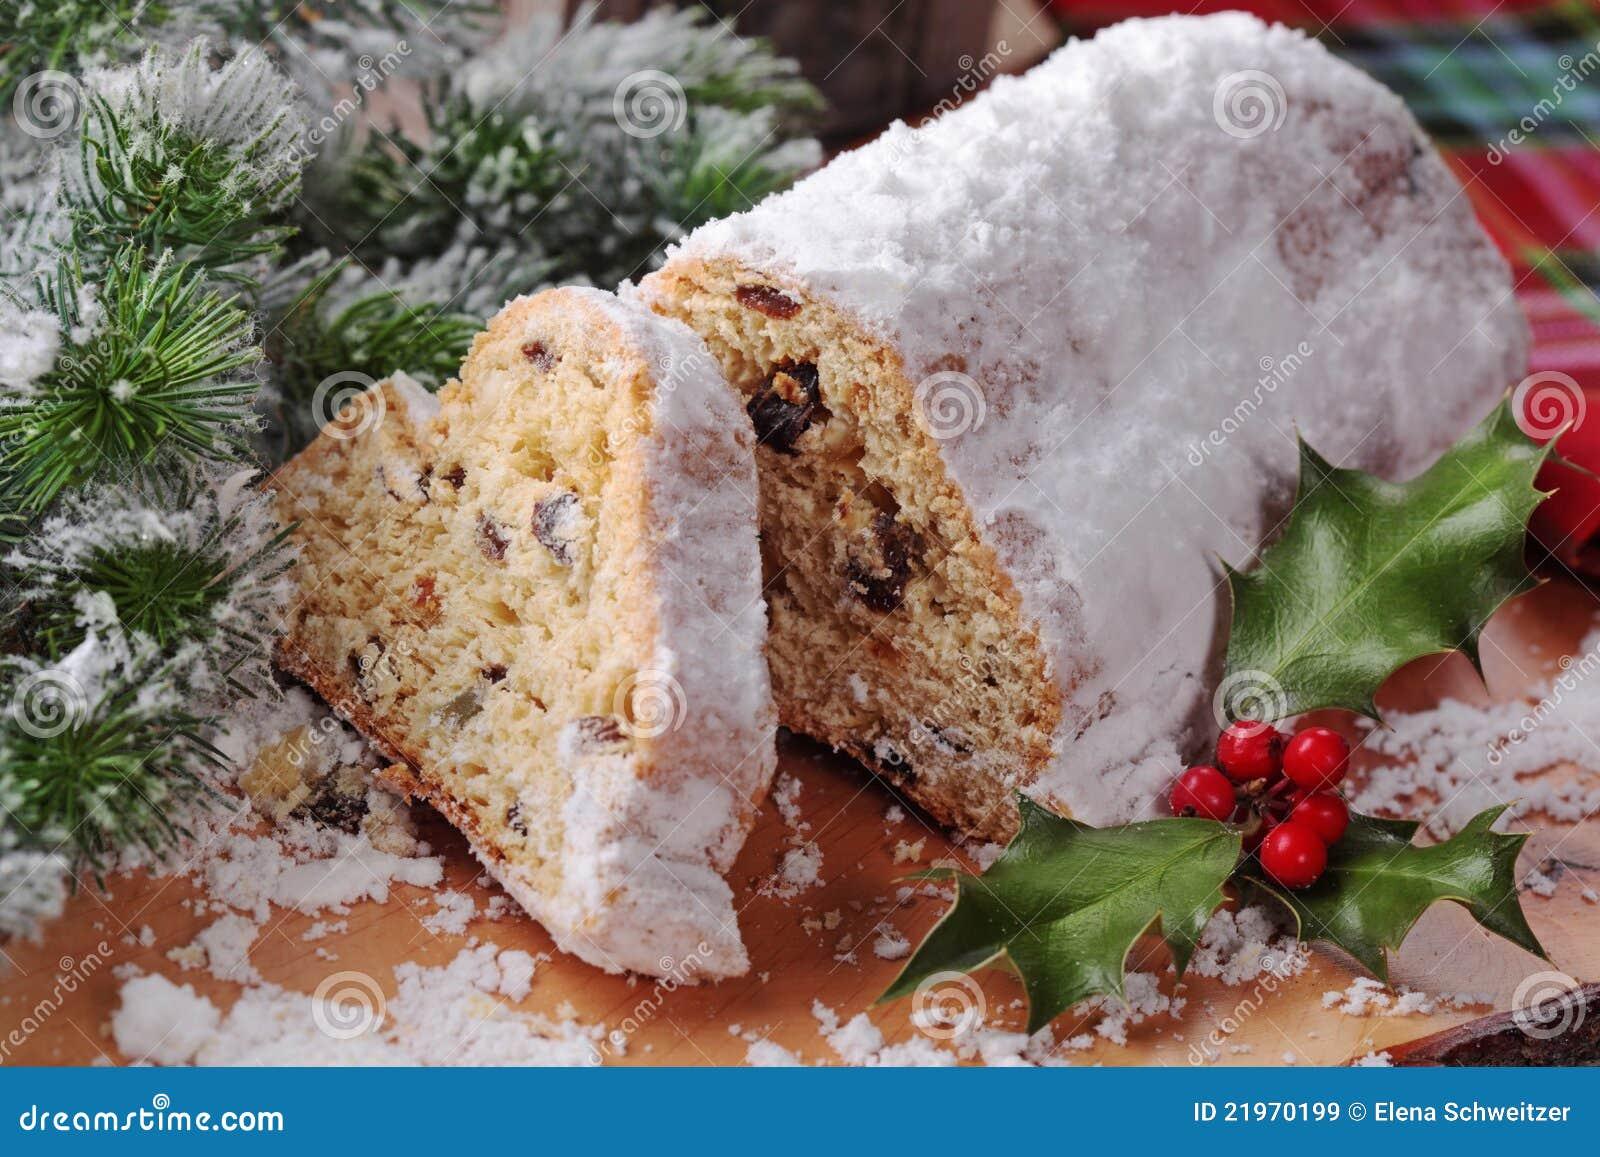 Stollen Kuchen